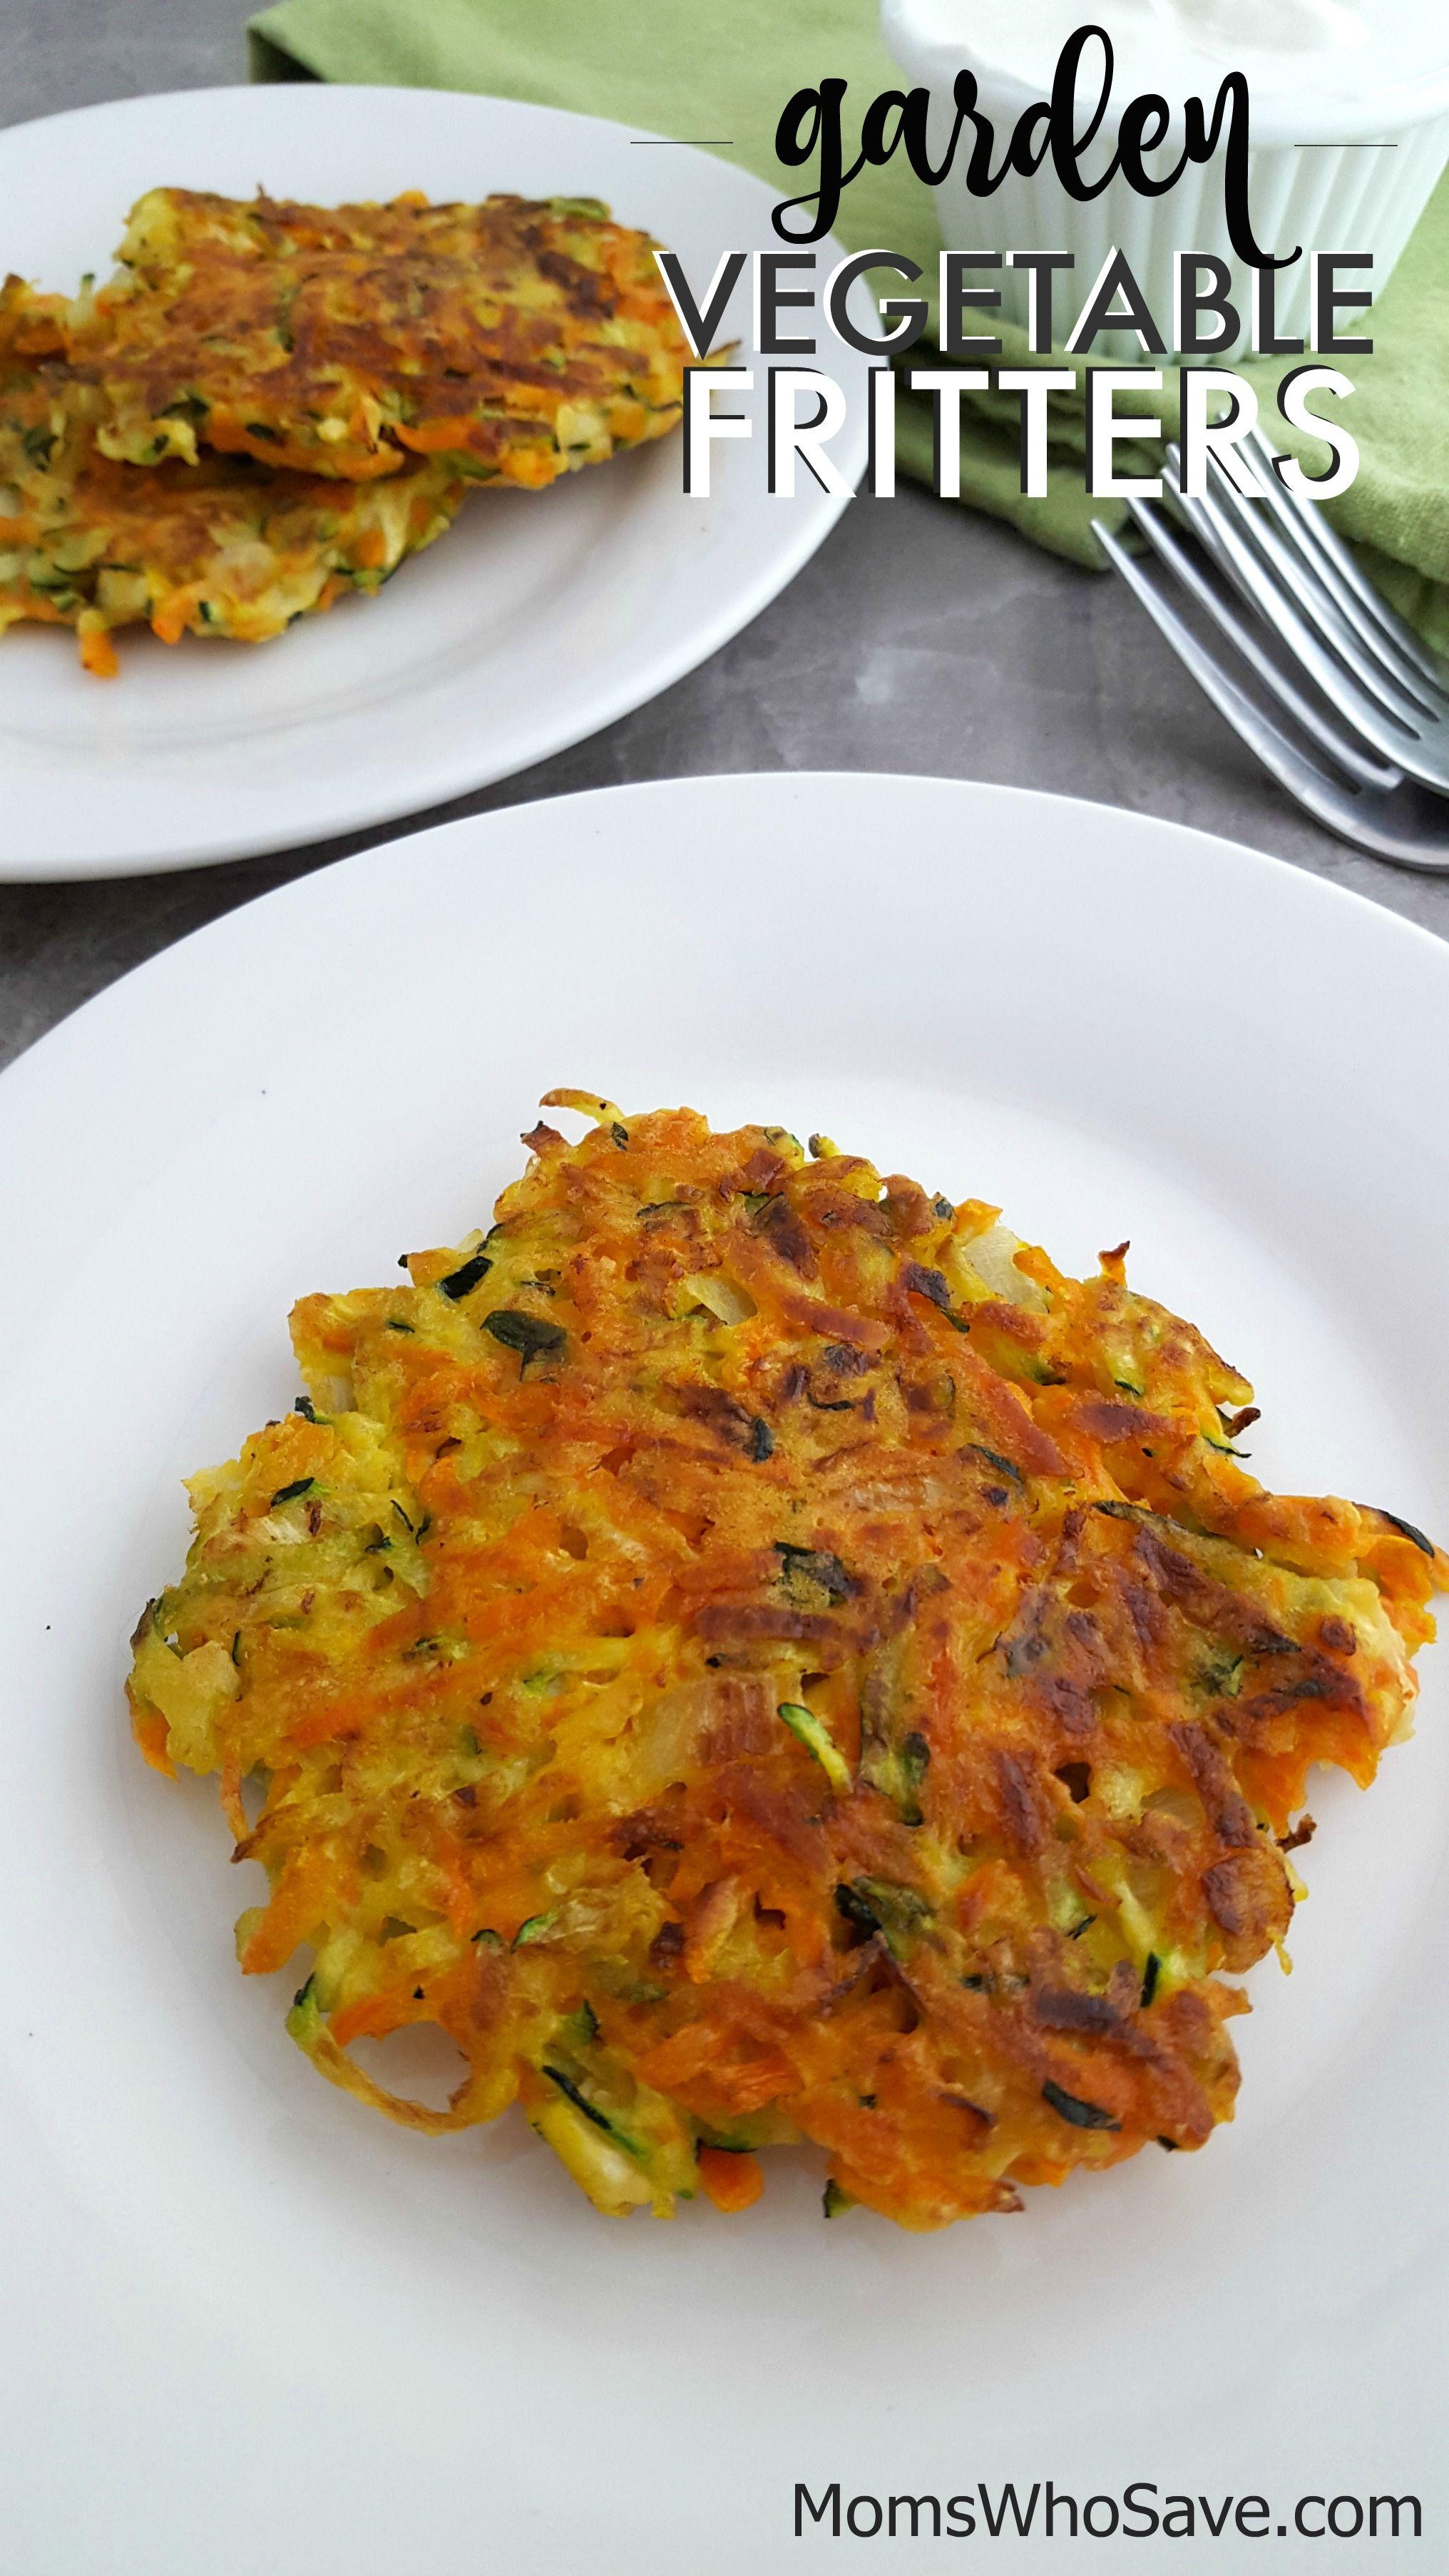 Garden Vegetable Fritters Recipe